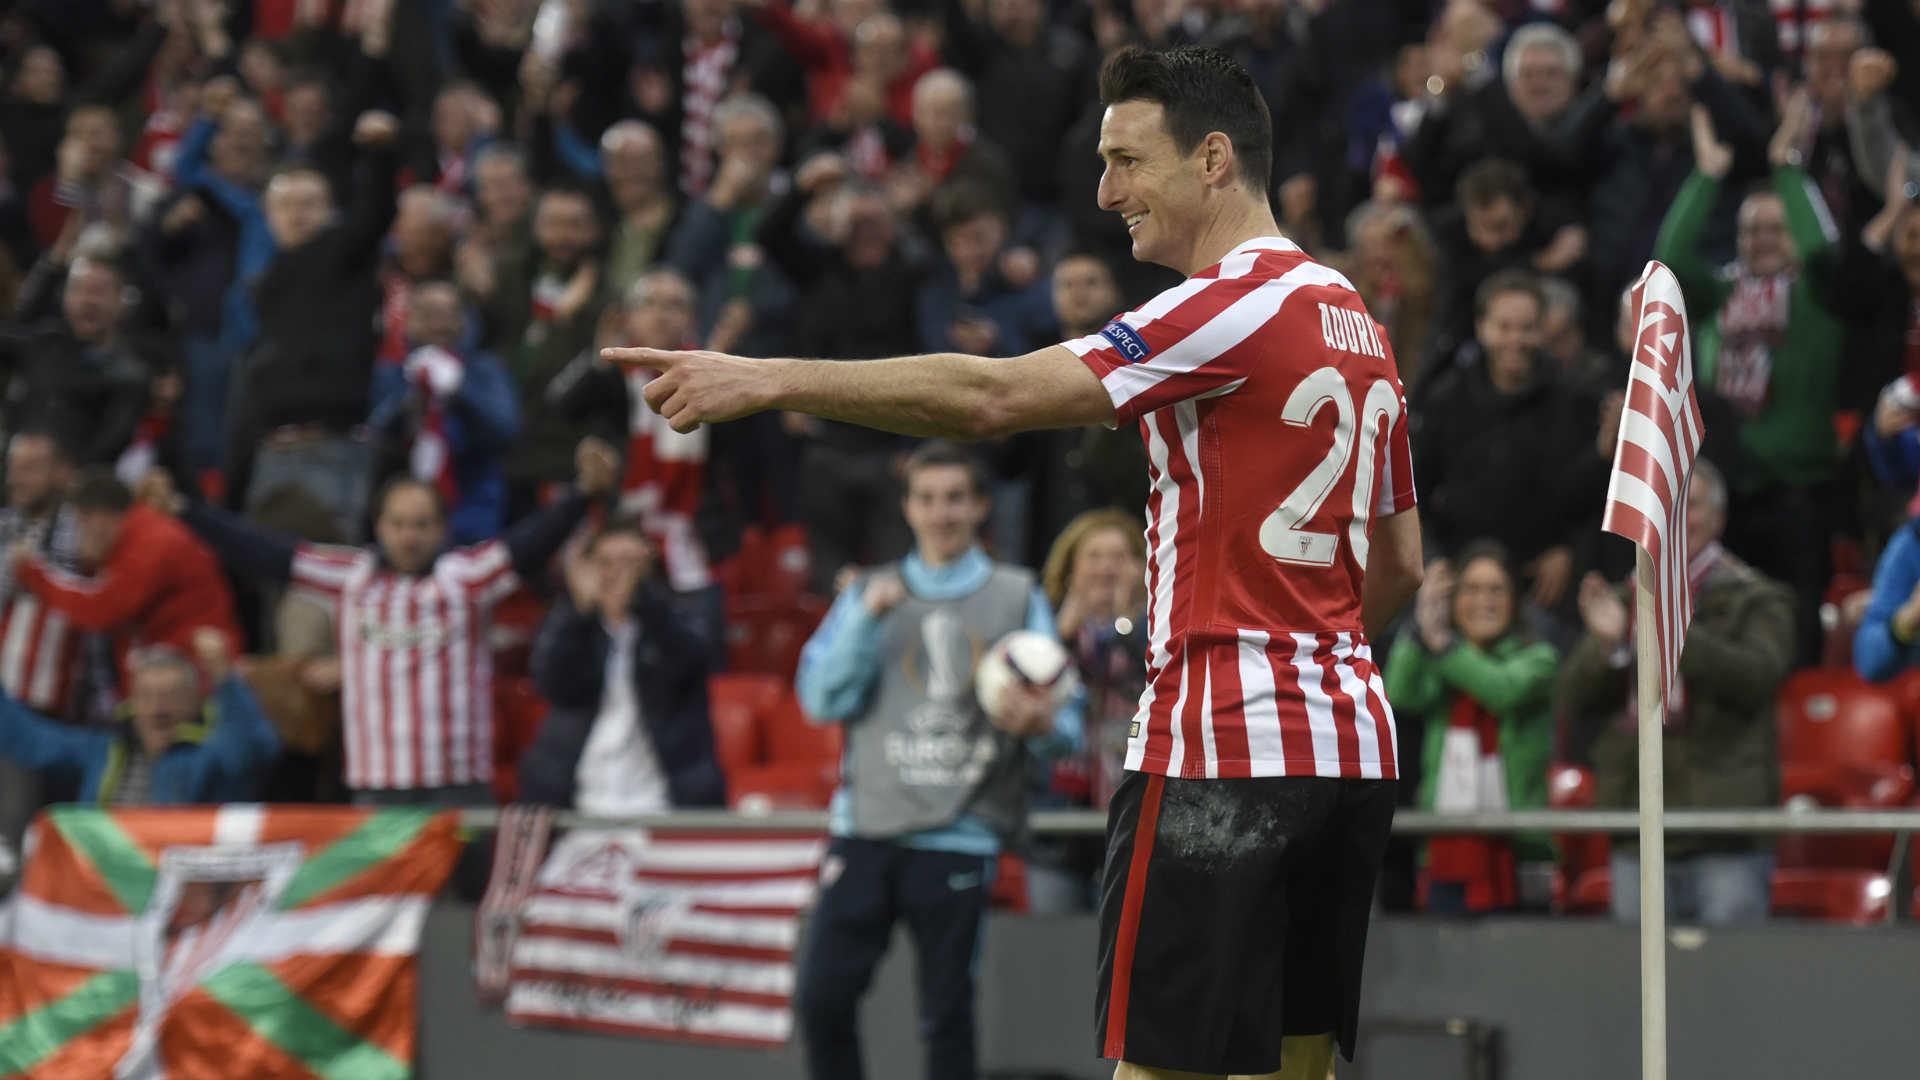 El Barcelona le ganó al Bilbao y se mantiene en la punta